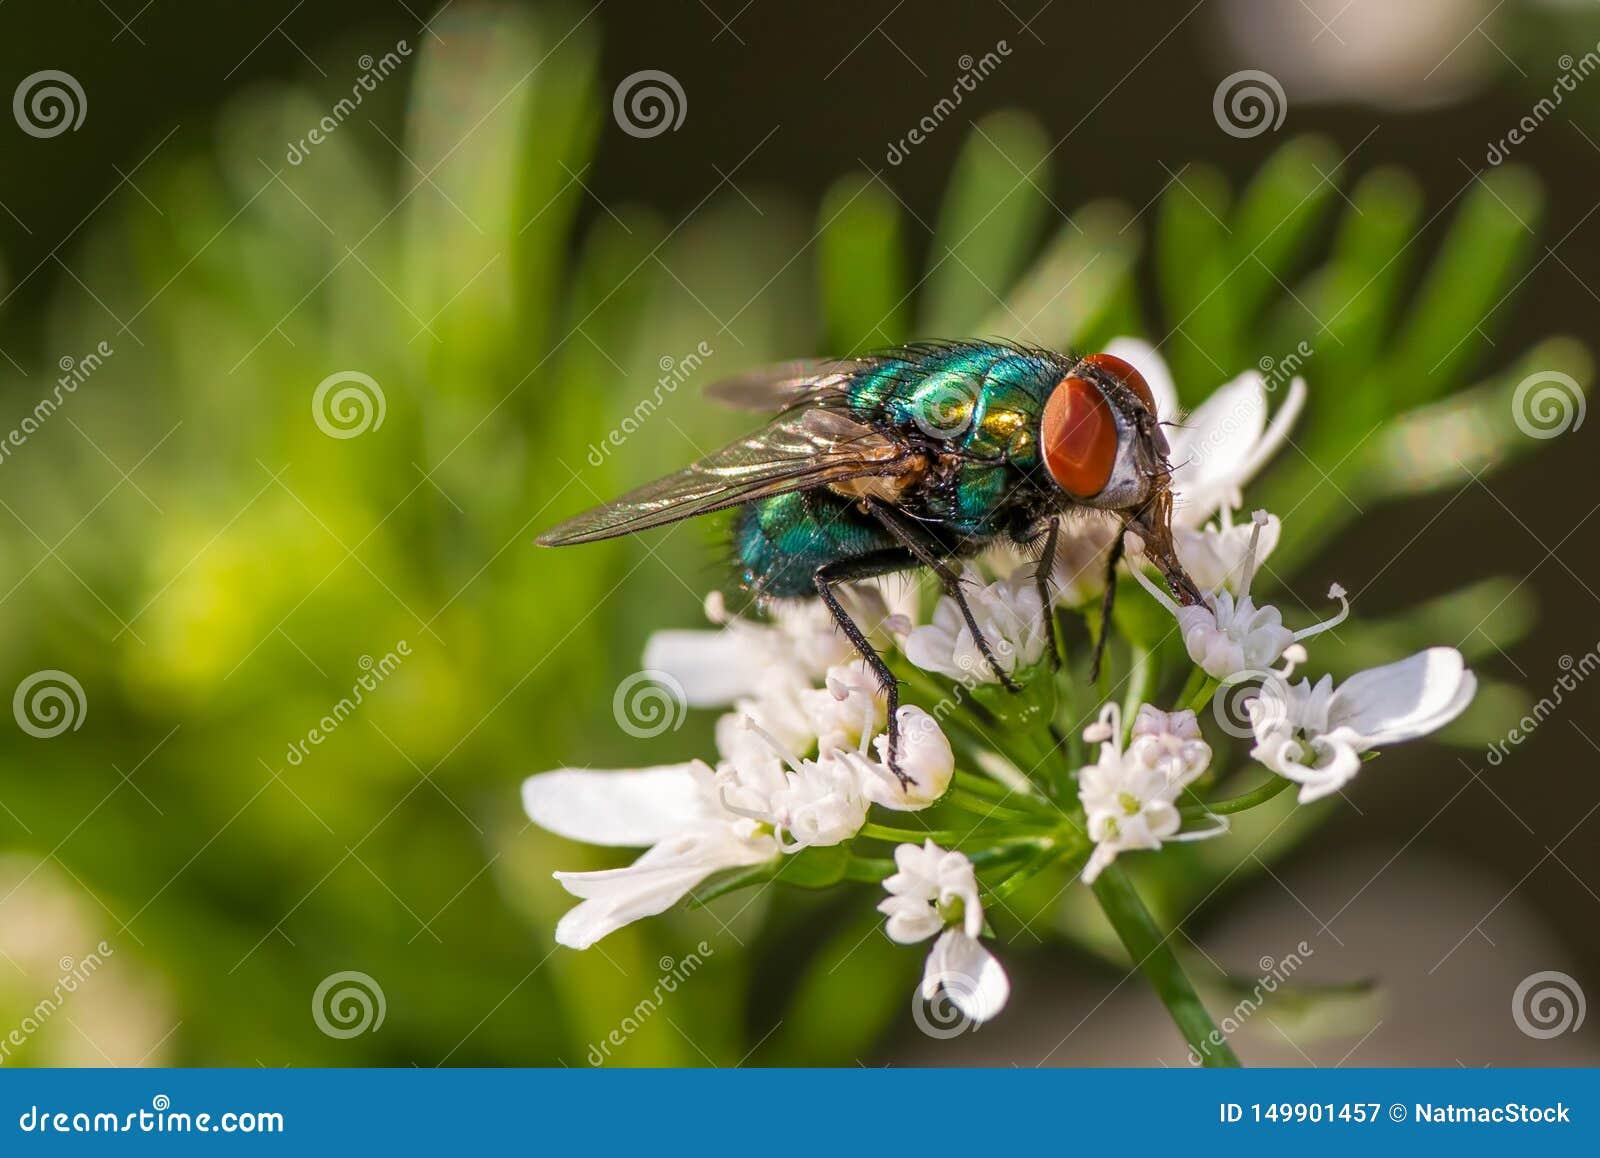 Lata na kwiacie - wielki szczegół twarz, dwuczłonowy oko i thorax,